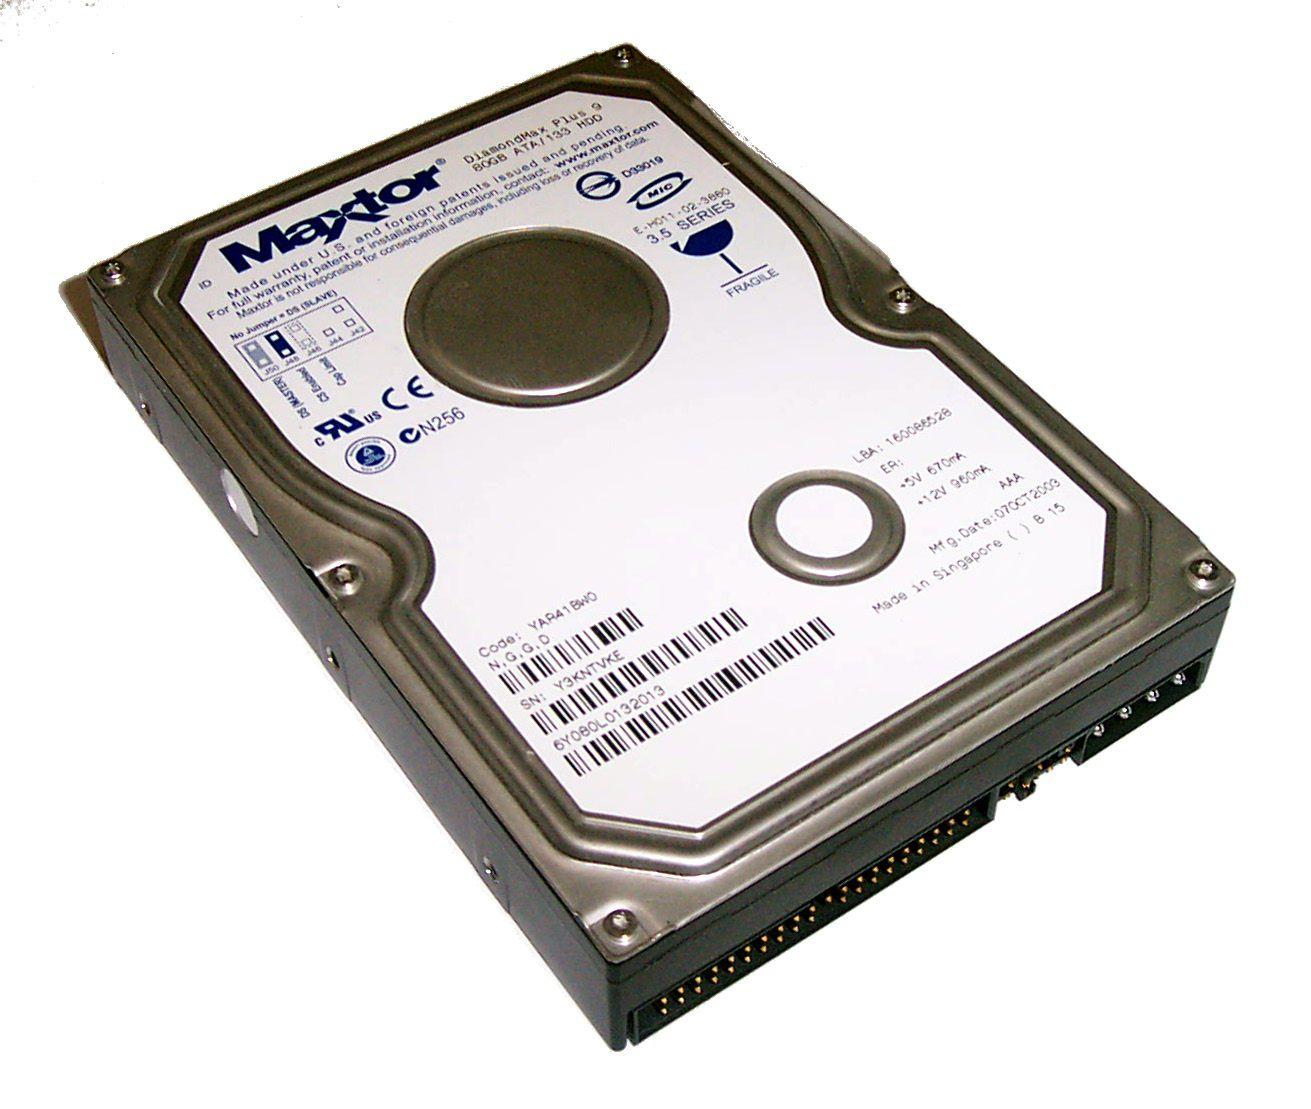 Review Maxtor Diamondmax Plus 9 160gb Sata Hard Drive Harddisk Pc 160 Gb Ide Hdd Komputer Desktop